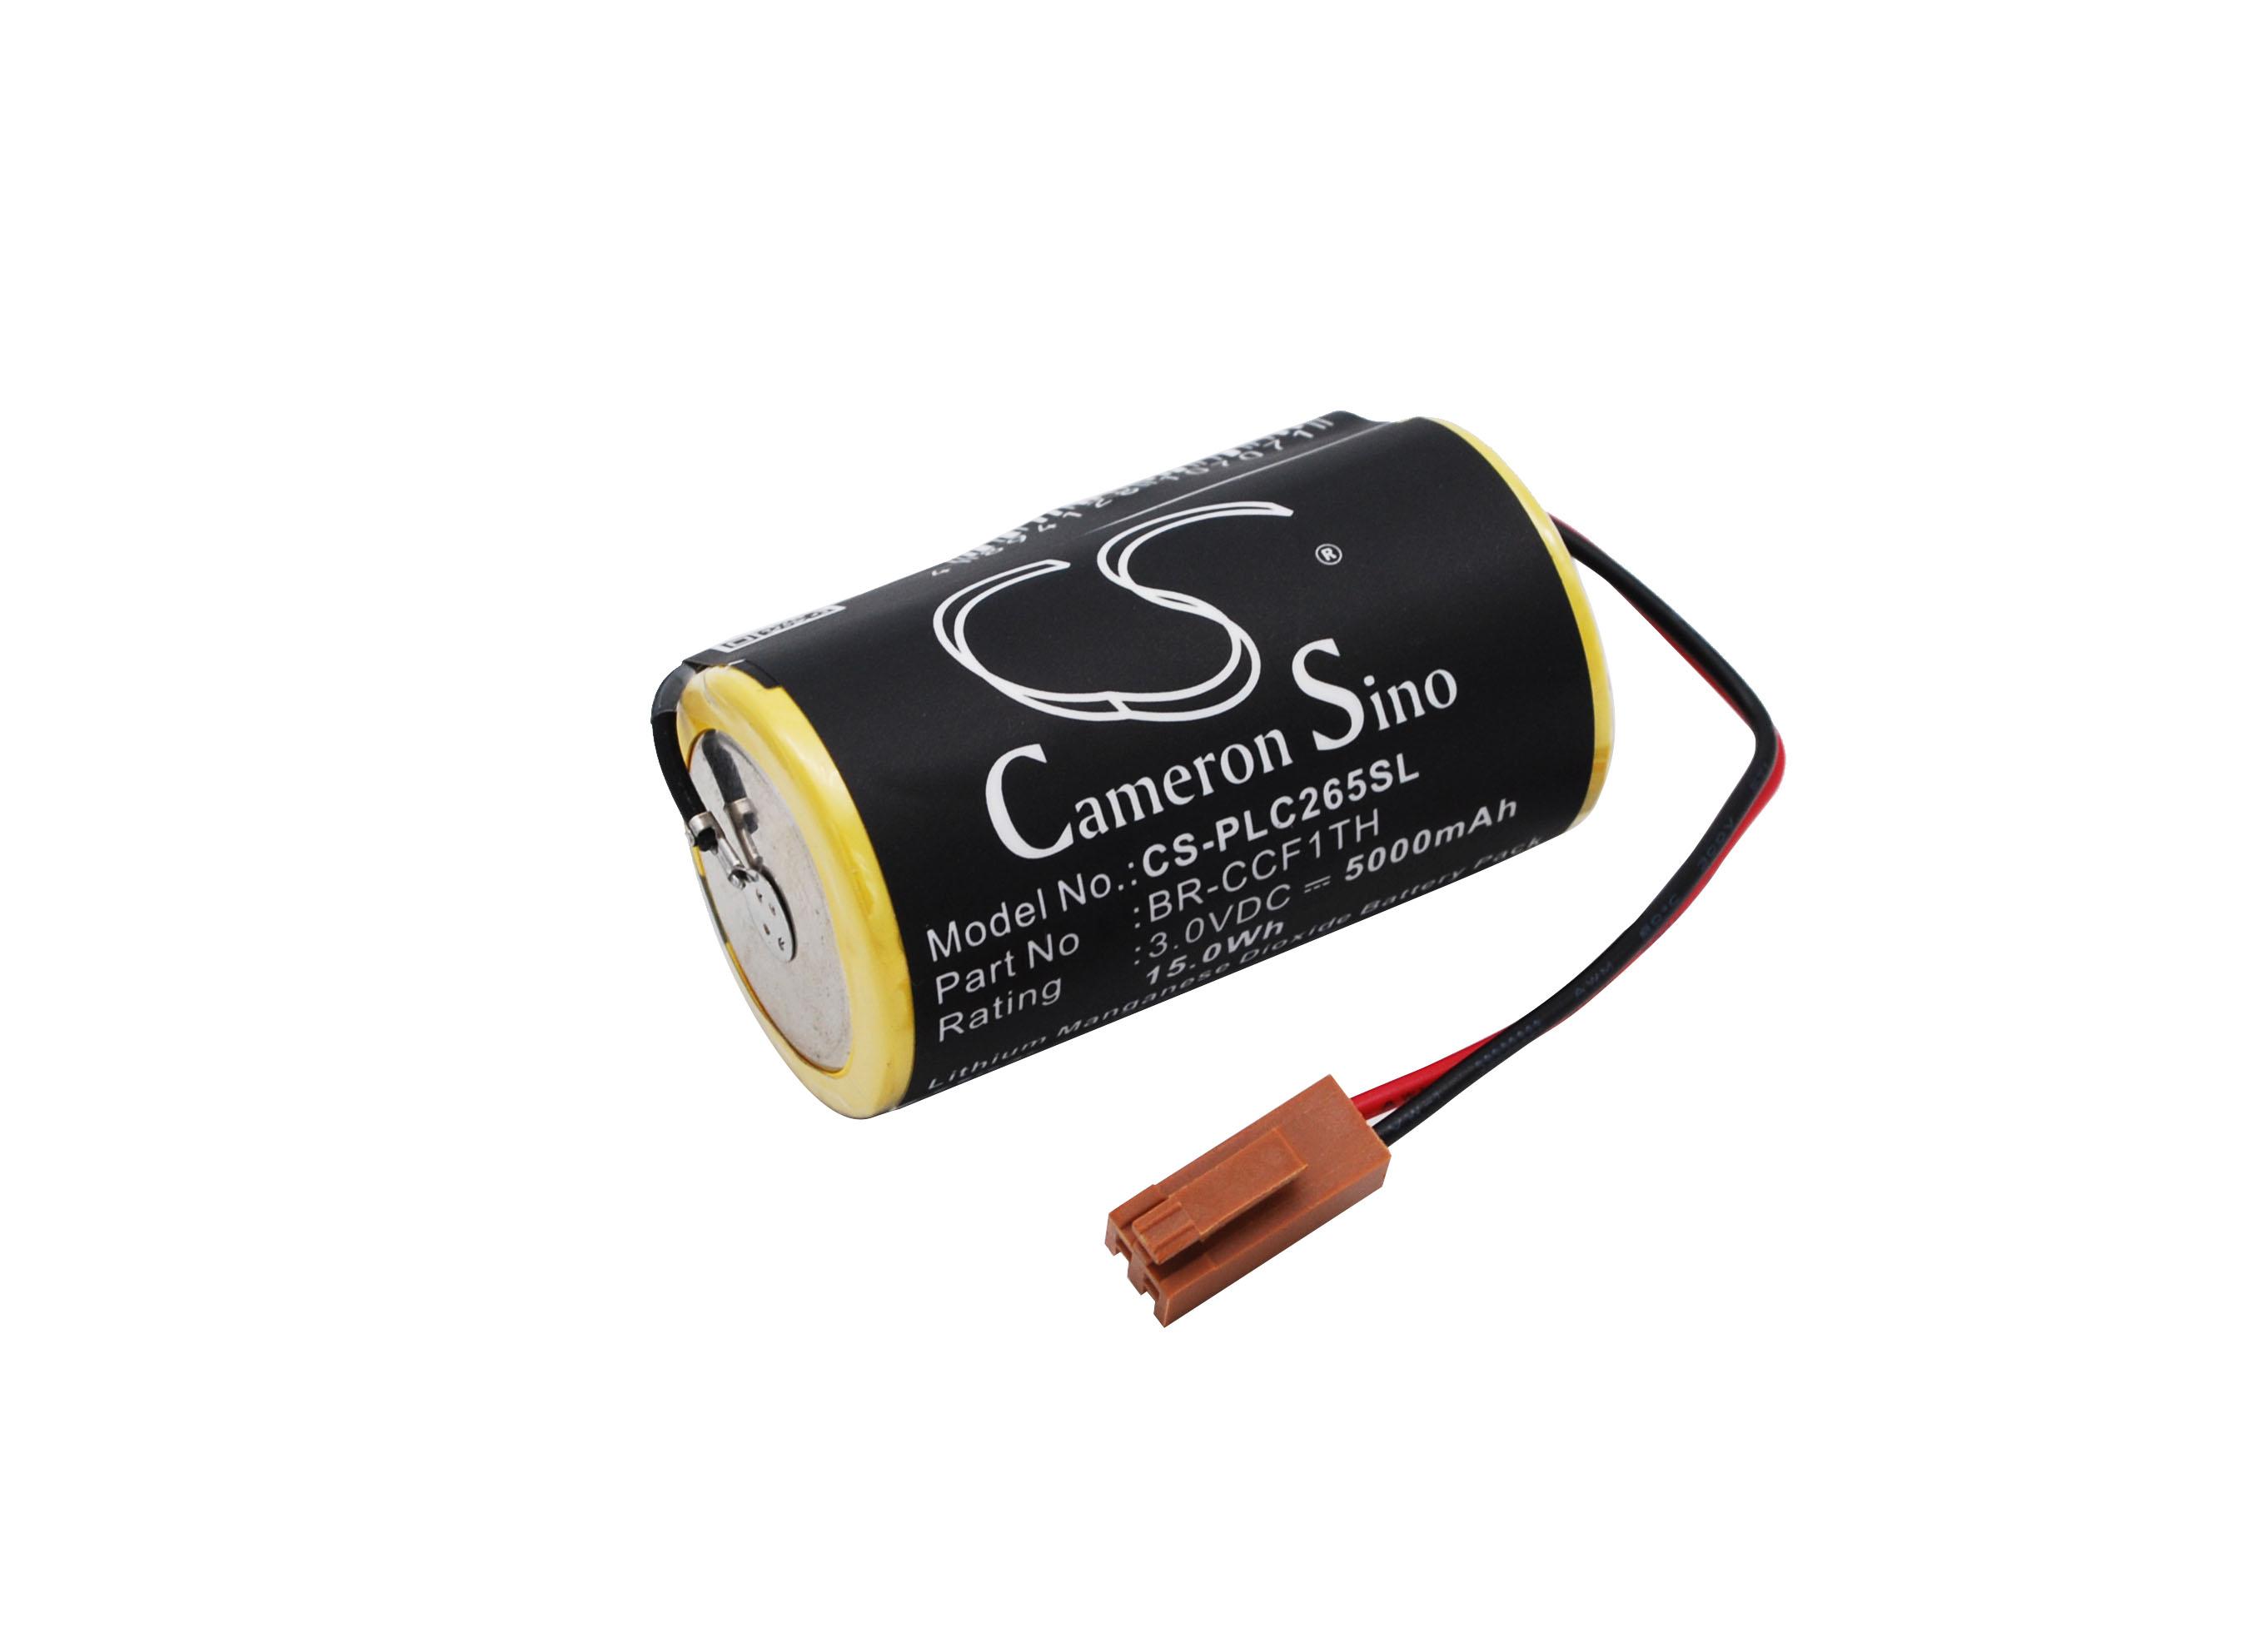 Cameron Sino baterie plc za BR-C 3V Li-MnO2 5000mAh žlutá - neoriginální